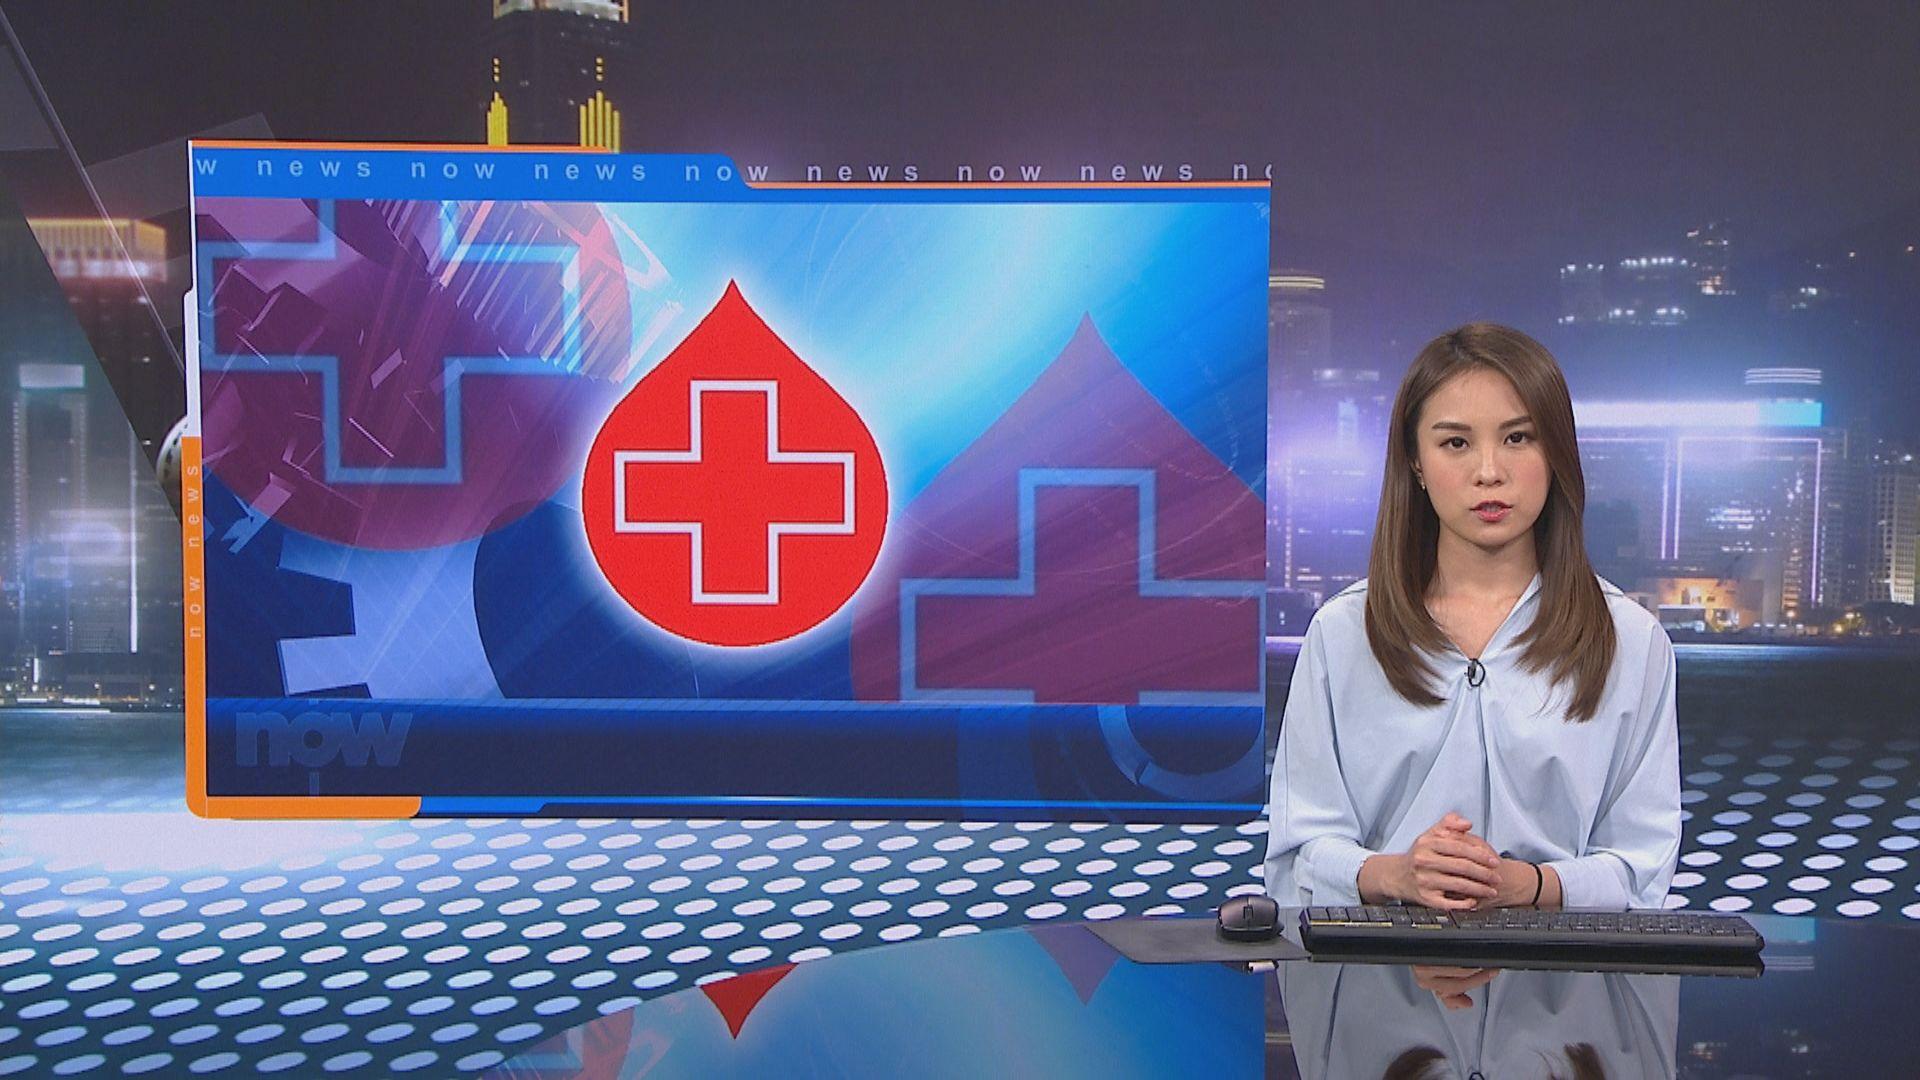 再有患者確診前捐血 當中紅血球已用於一病人